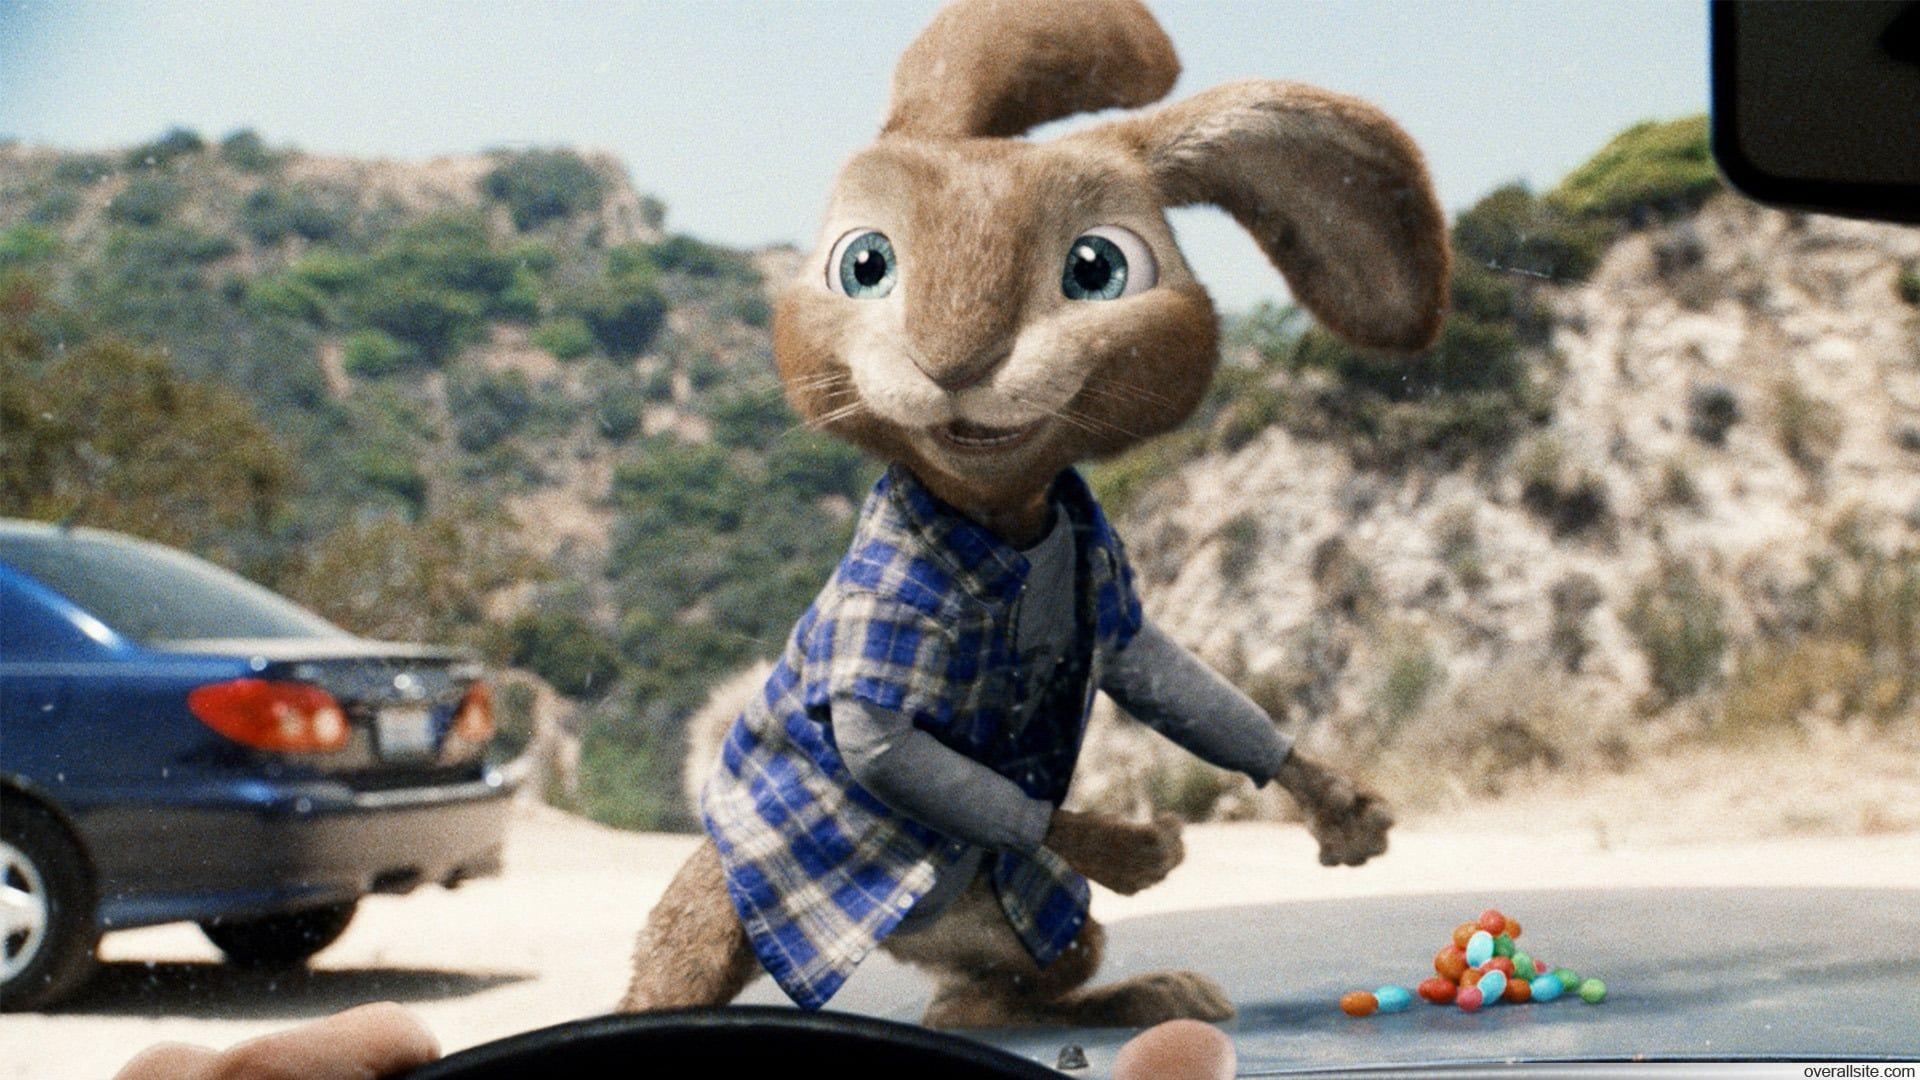 Hop 2011 Streaming Ita Cb01 Film Completo Italiano Altadefinizione C P E Il Figlio Adolescente Del Coniglio Pa Film Per Famiglia Guardare Film Cartoni Animati